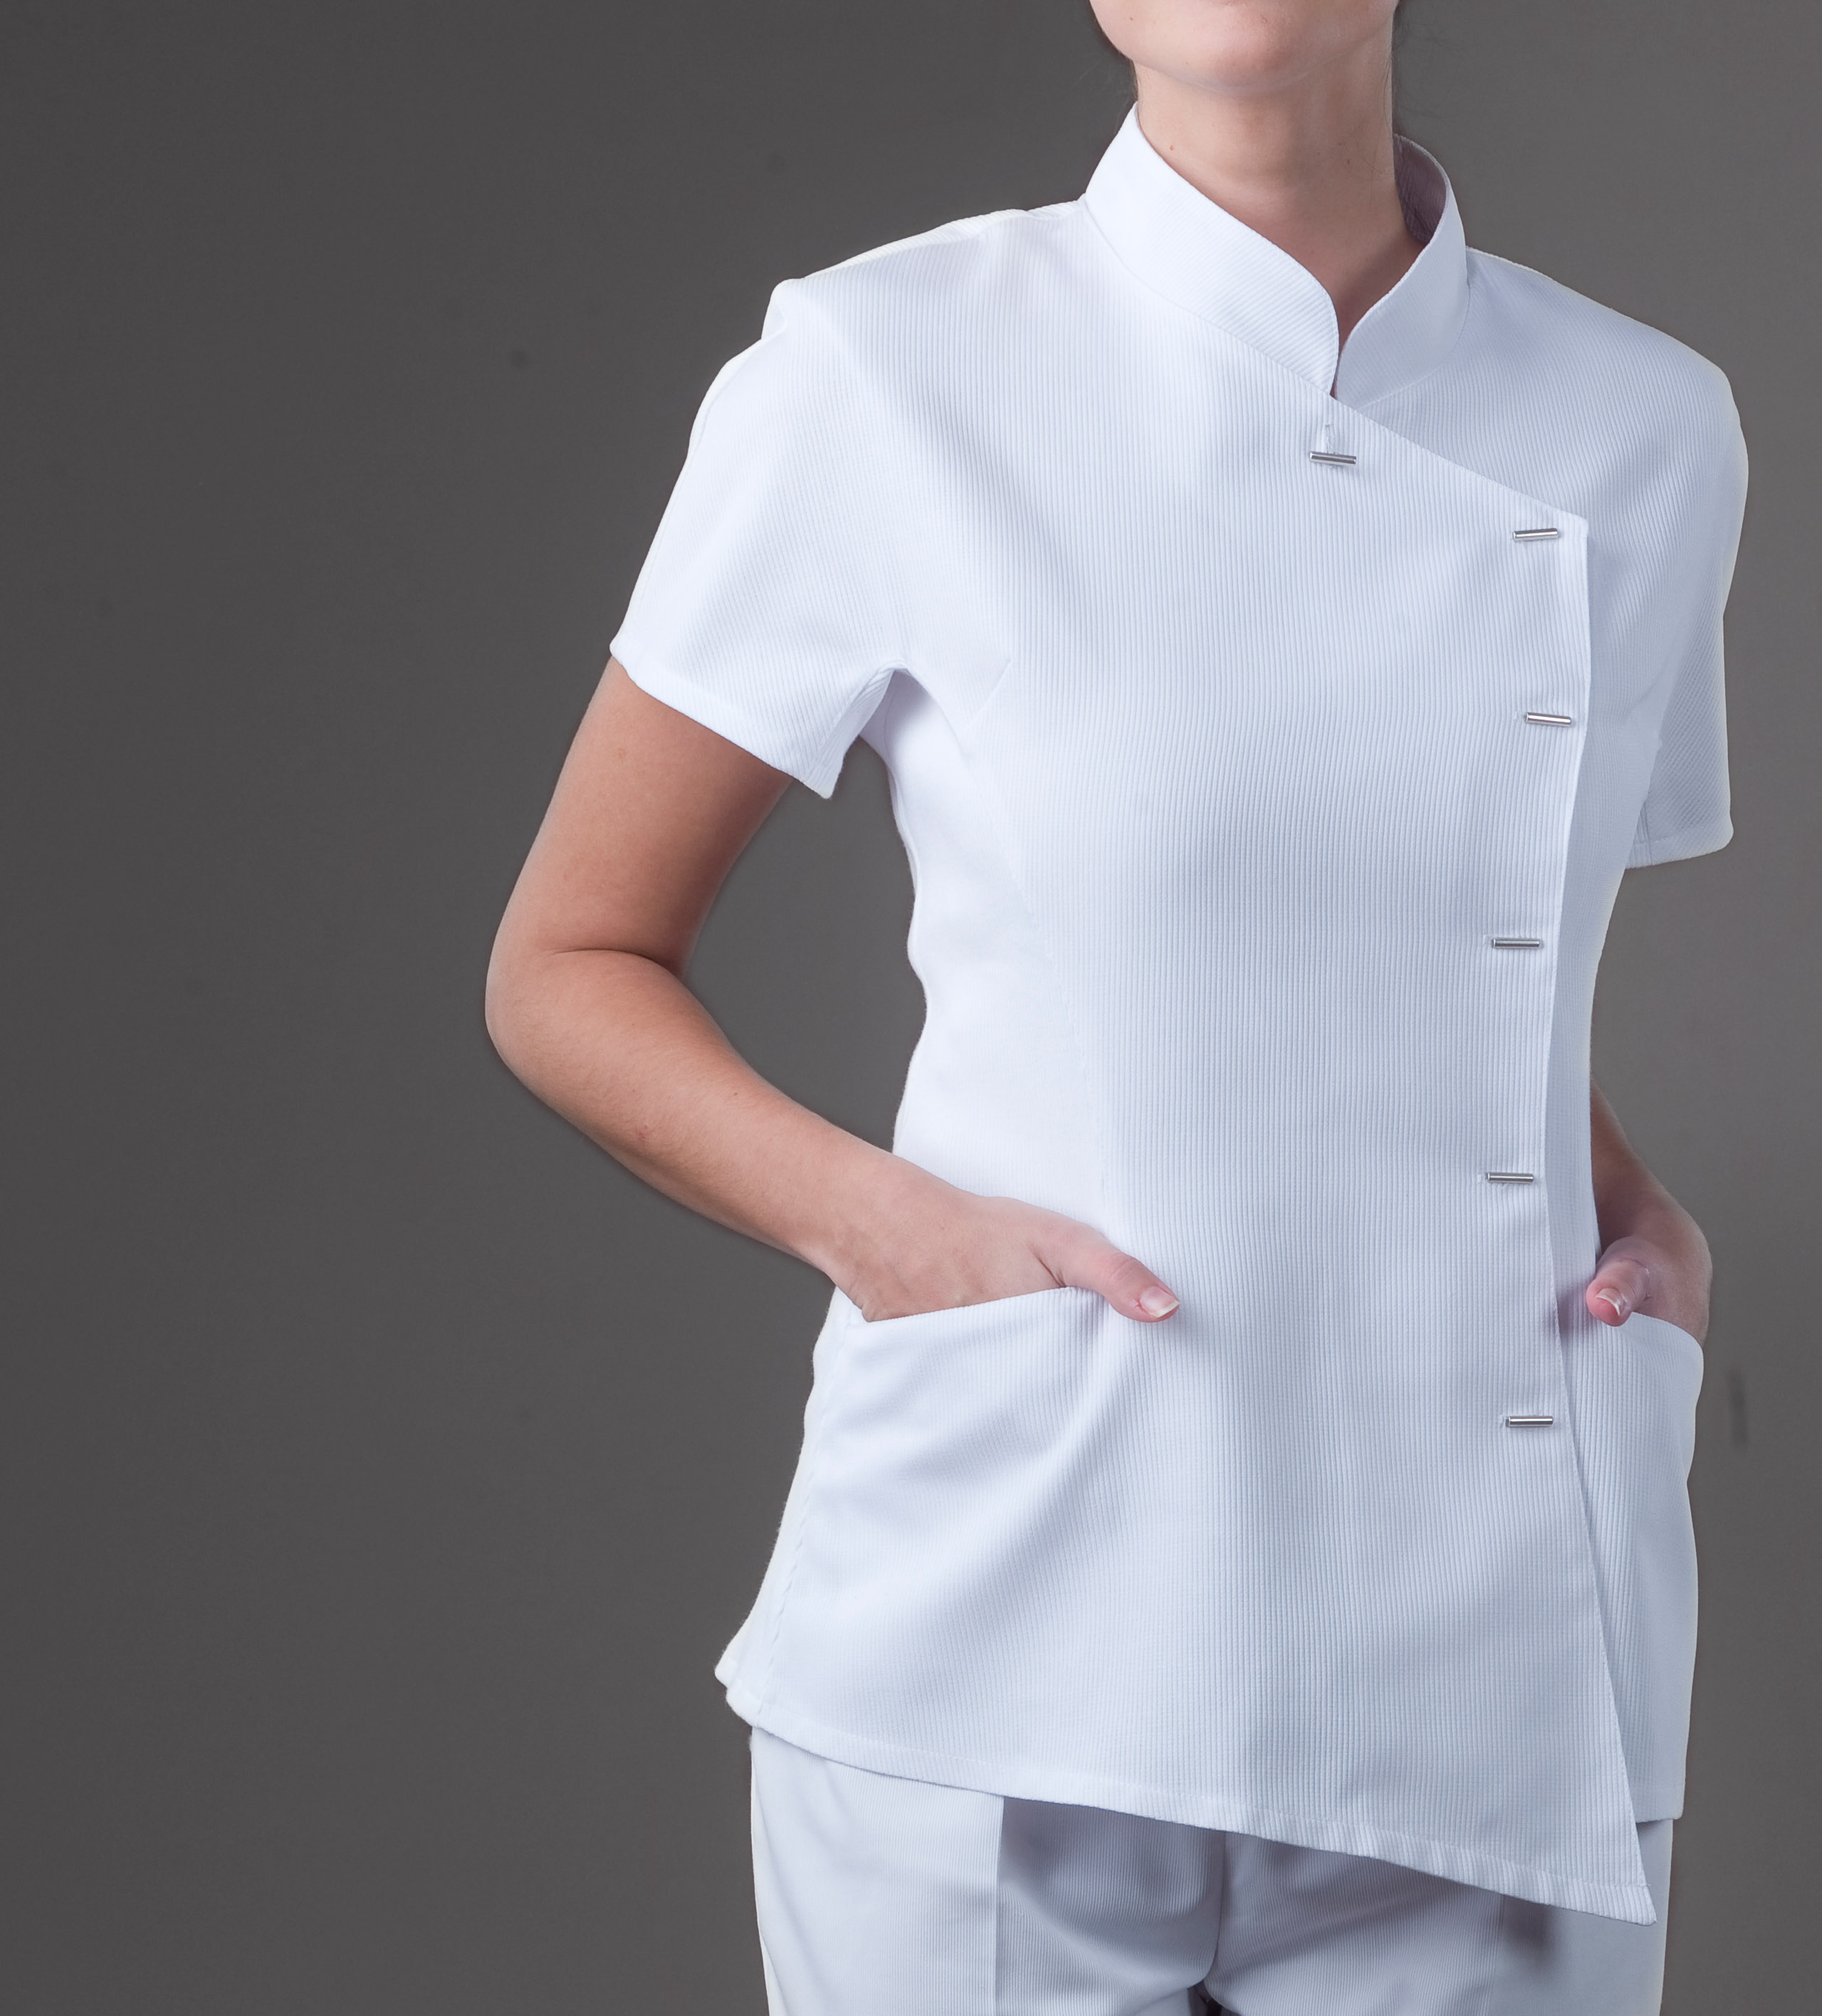 Java top monique mathieu paris for Spa uniform white